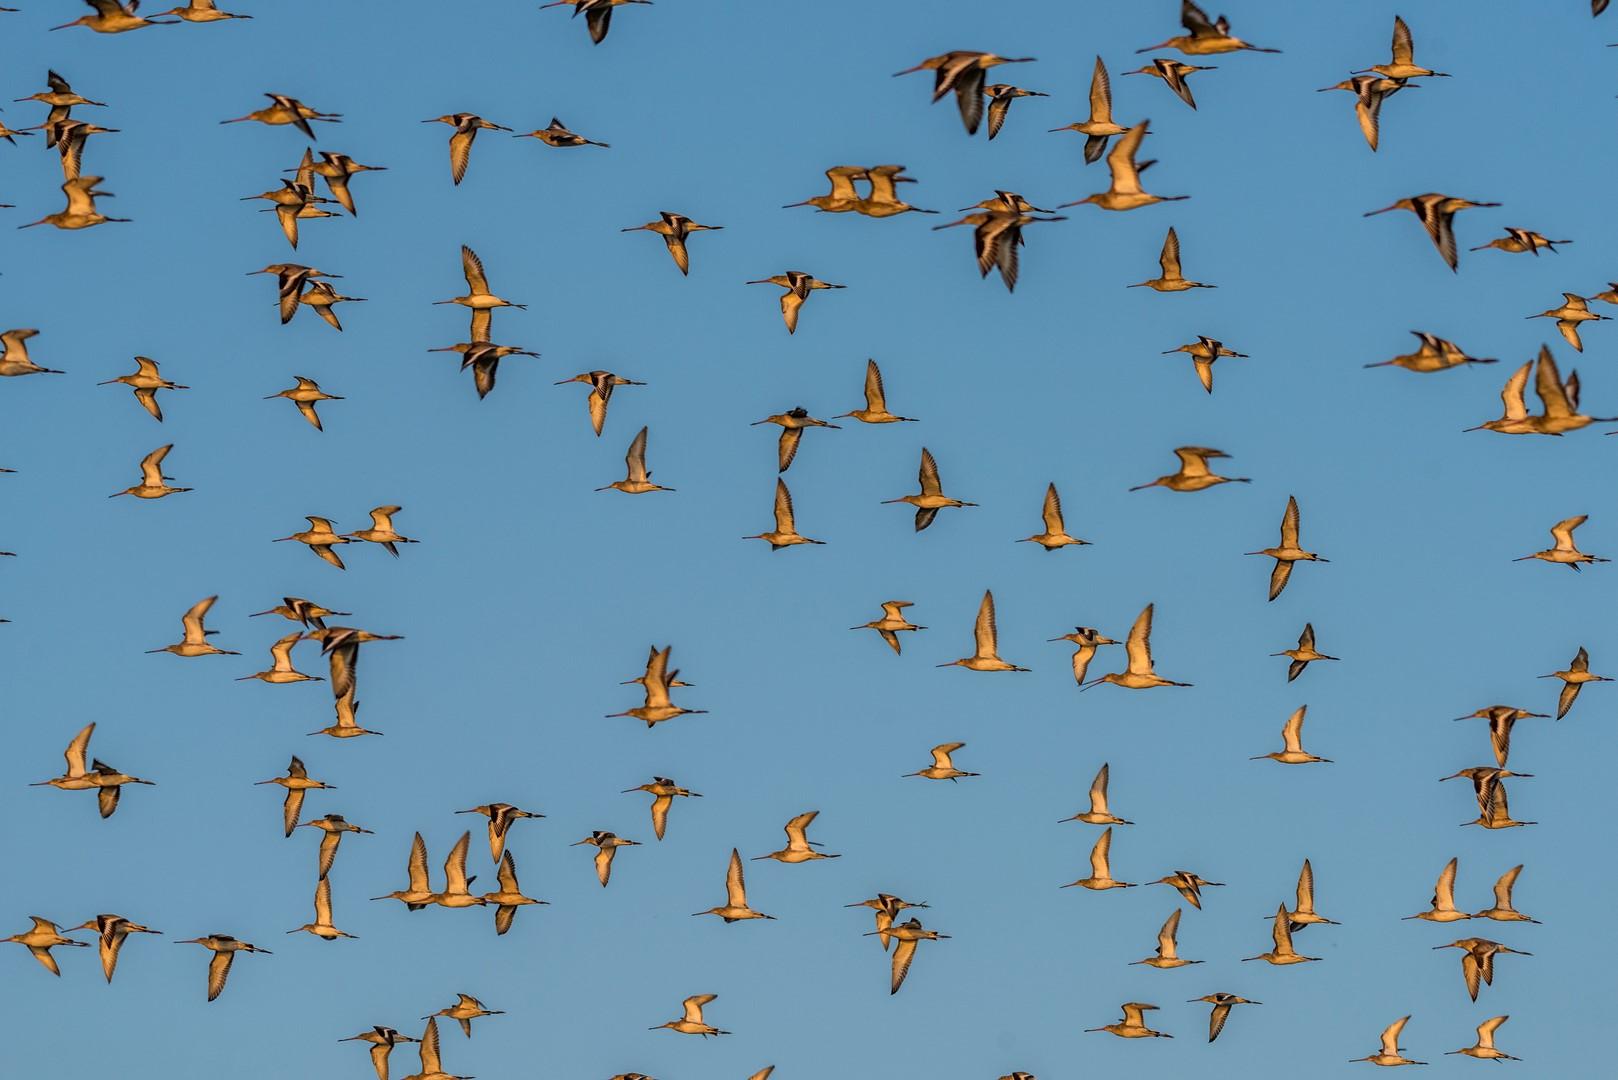 Vol de Barges à queue noire en migration